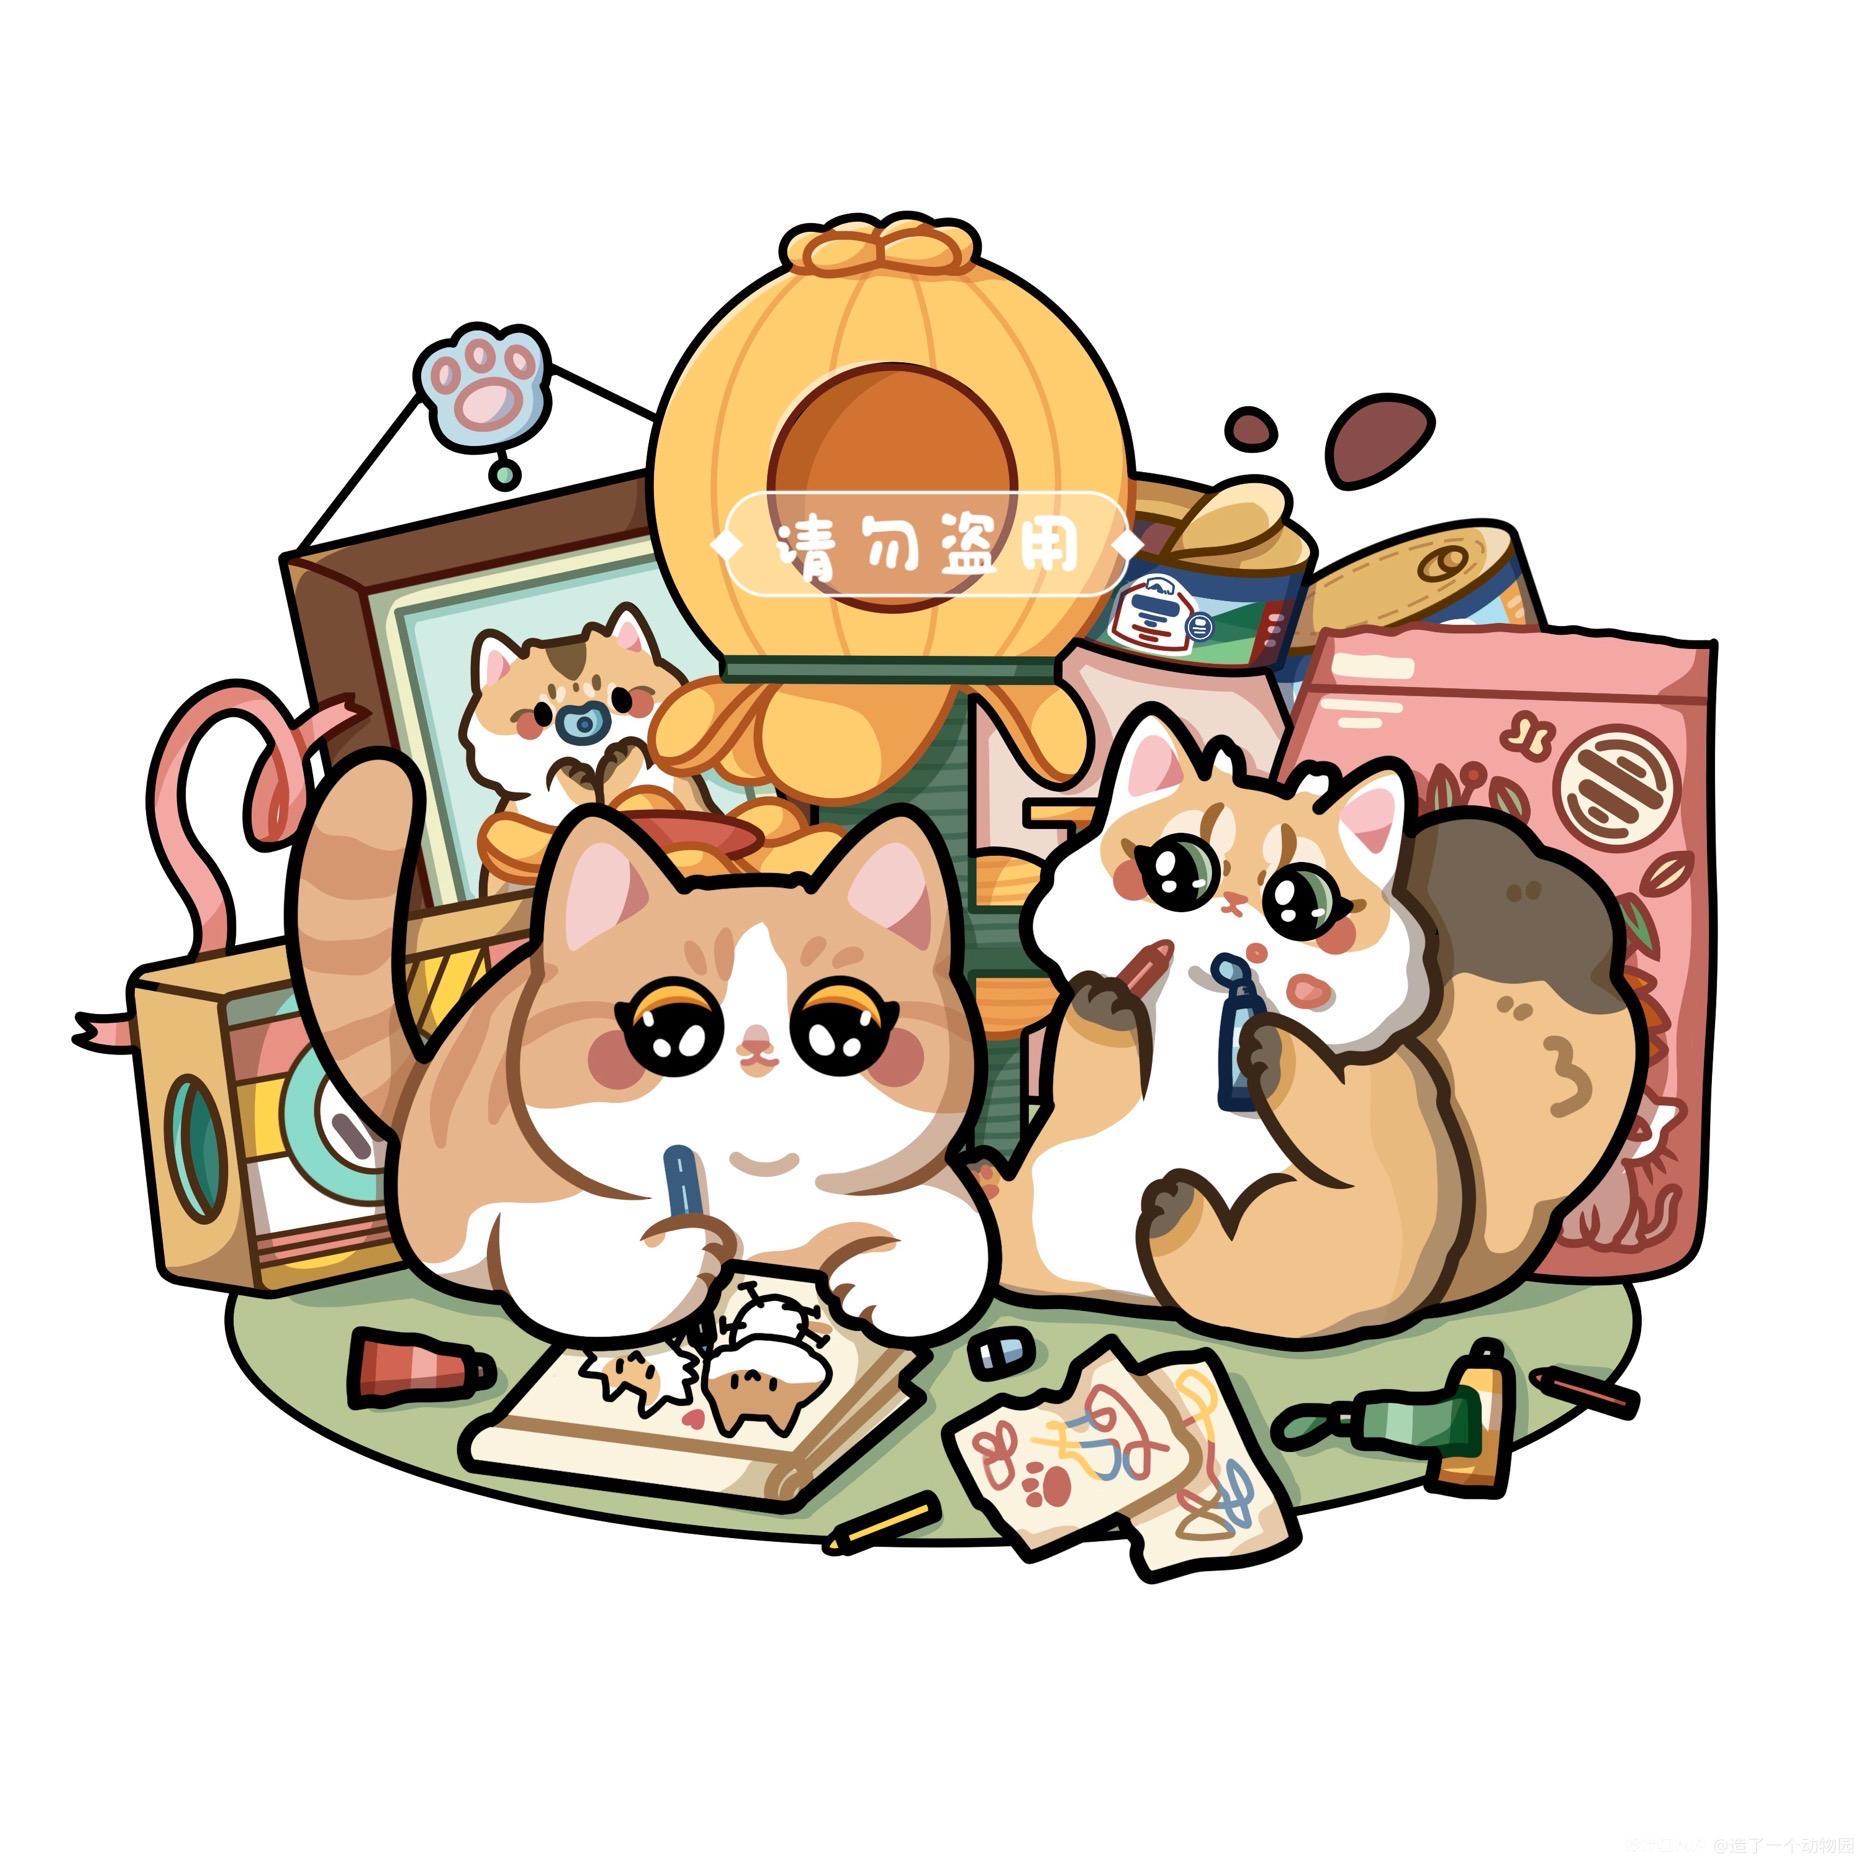 手绘猫猫头像 图1